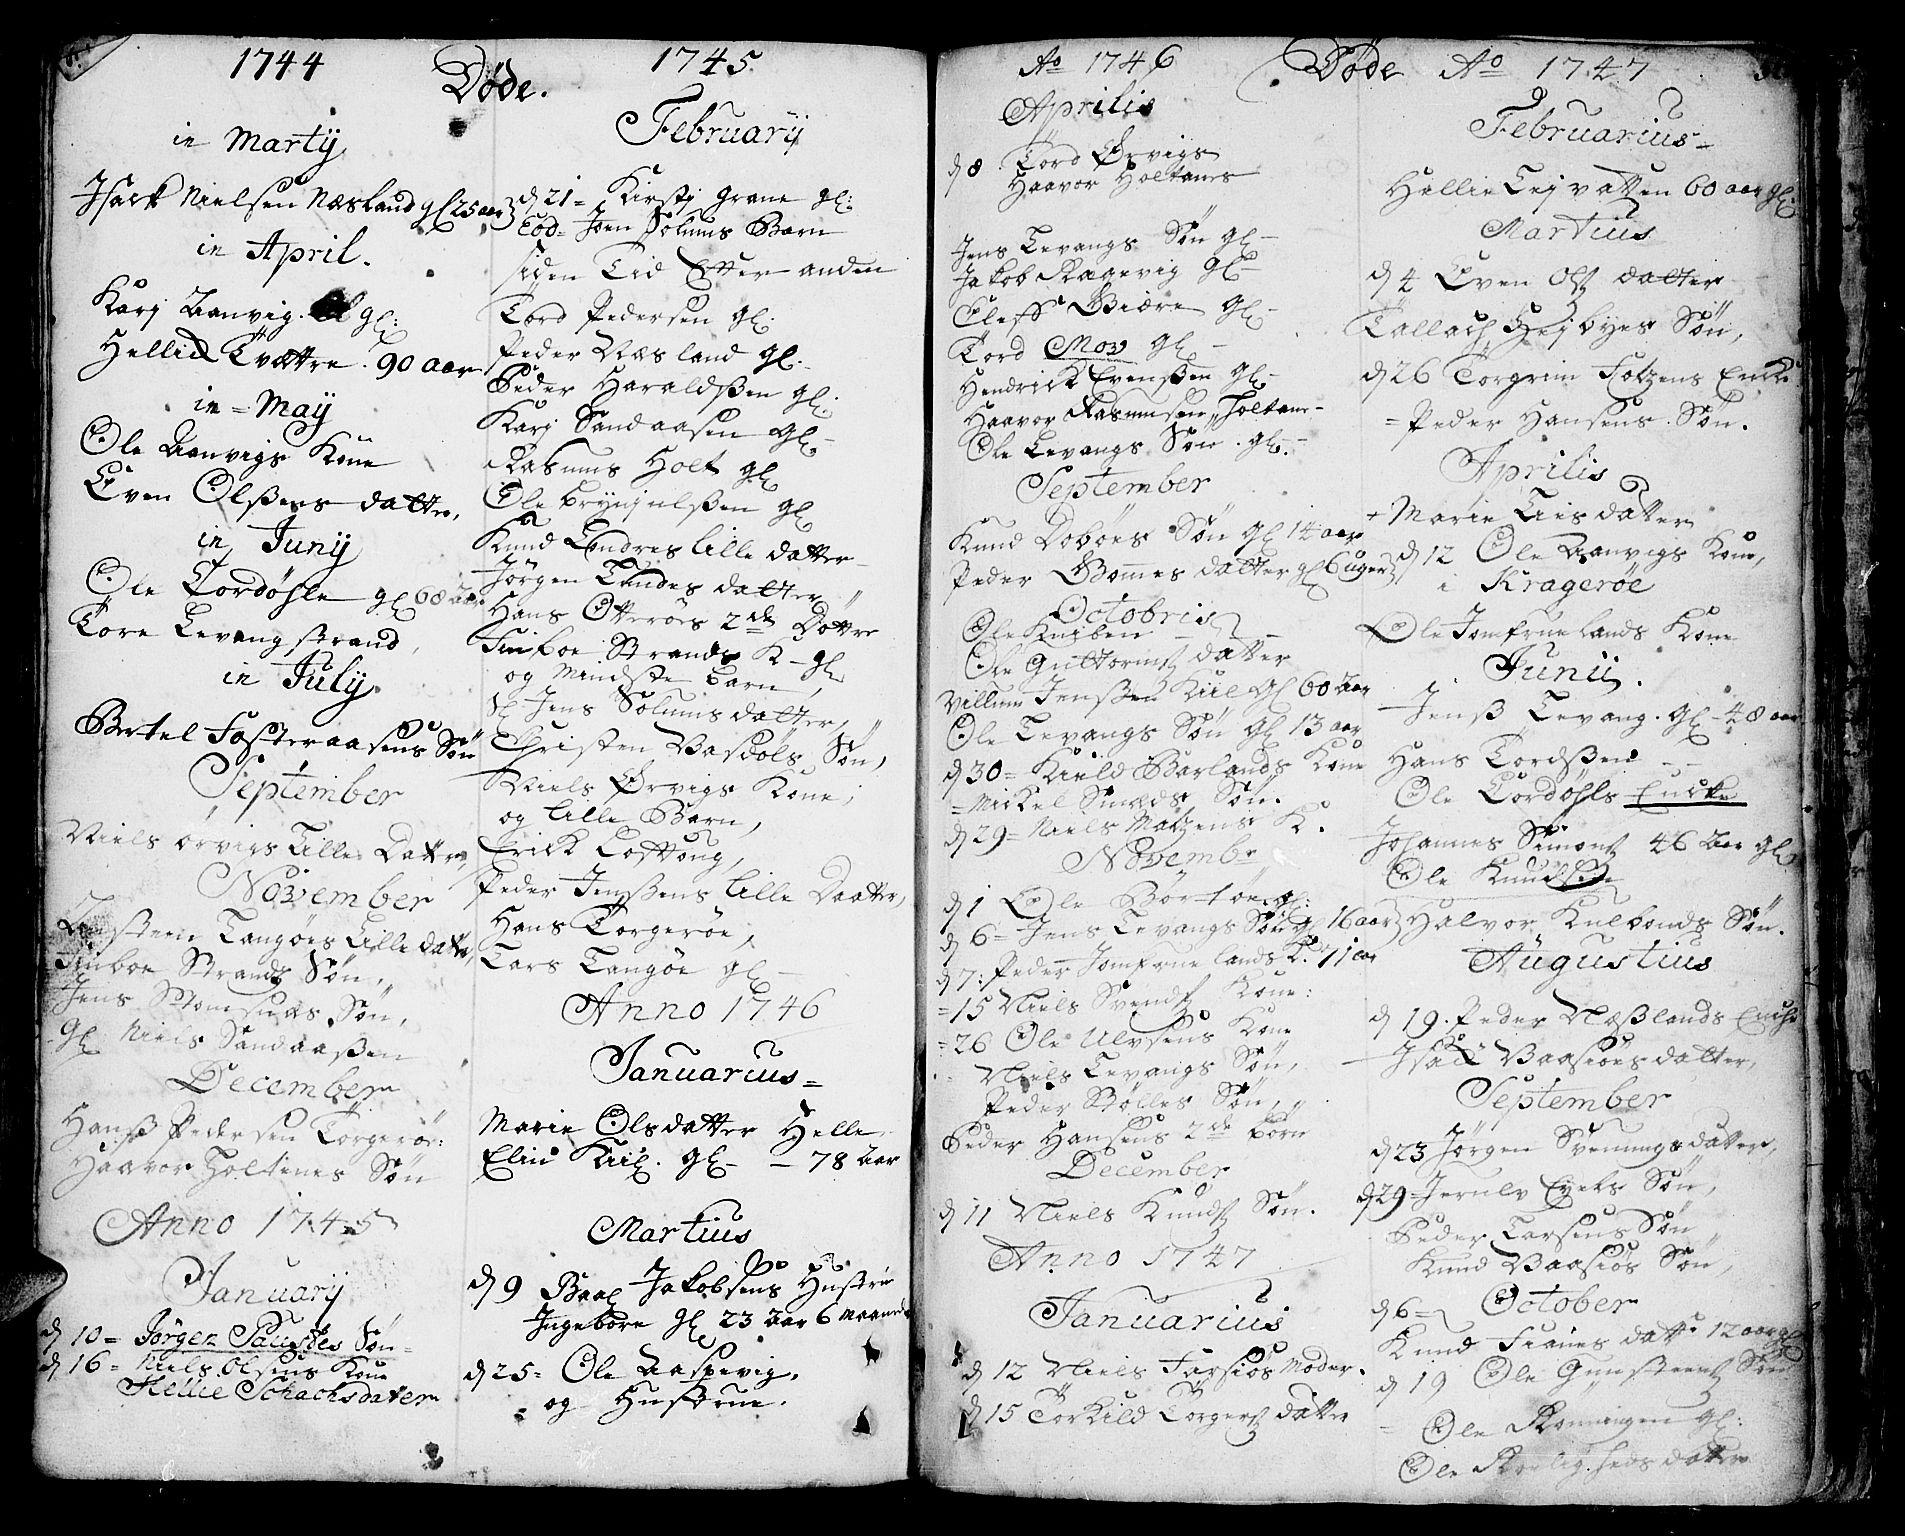 SAKO, Sannidal kirkebøker, F/Fa/L0001: Ministerialbok nr. 1, 1702-1766, s. 320-321